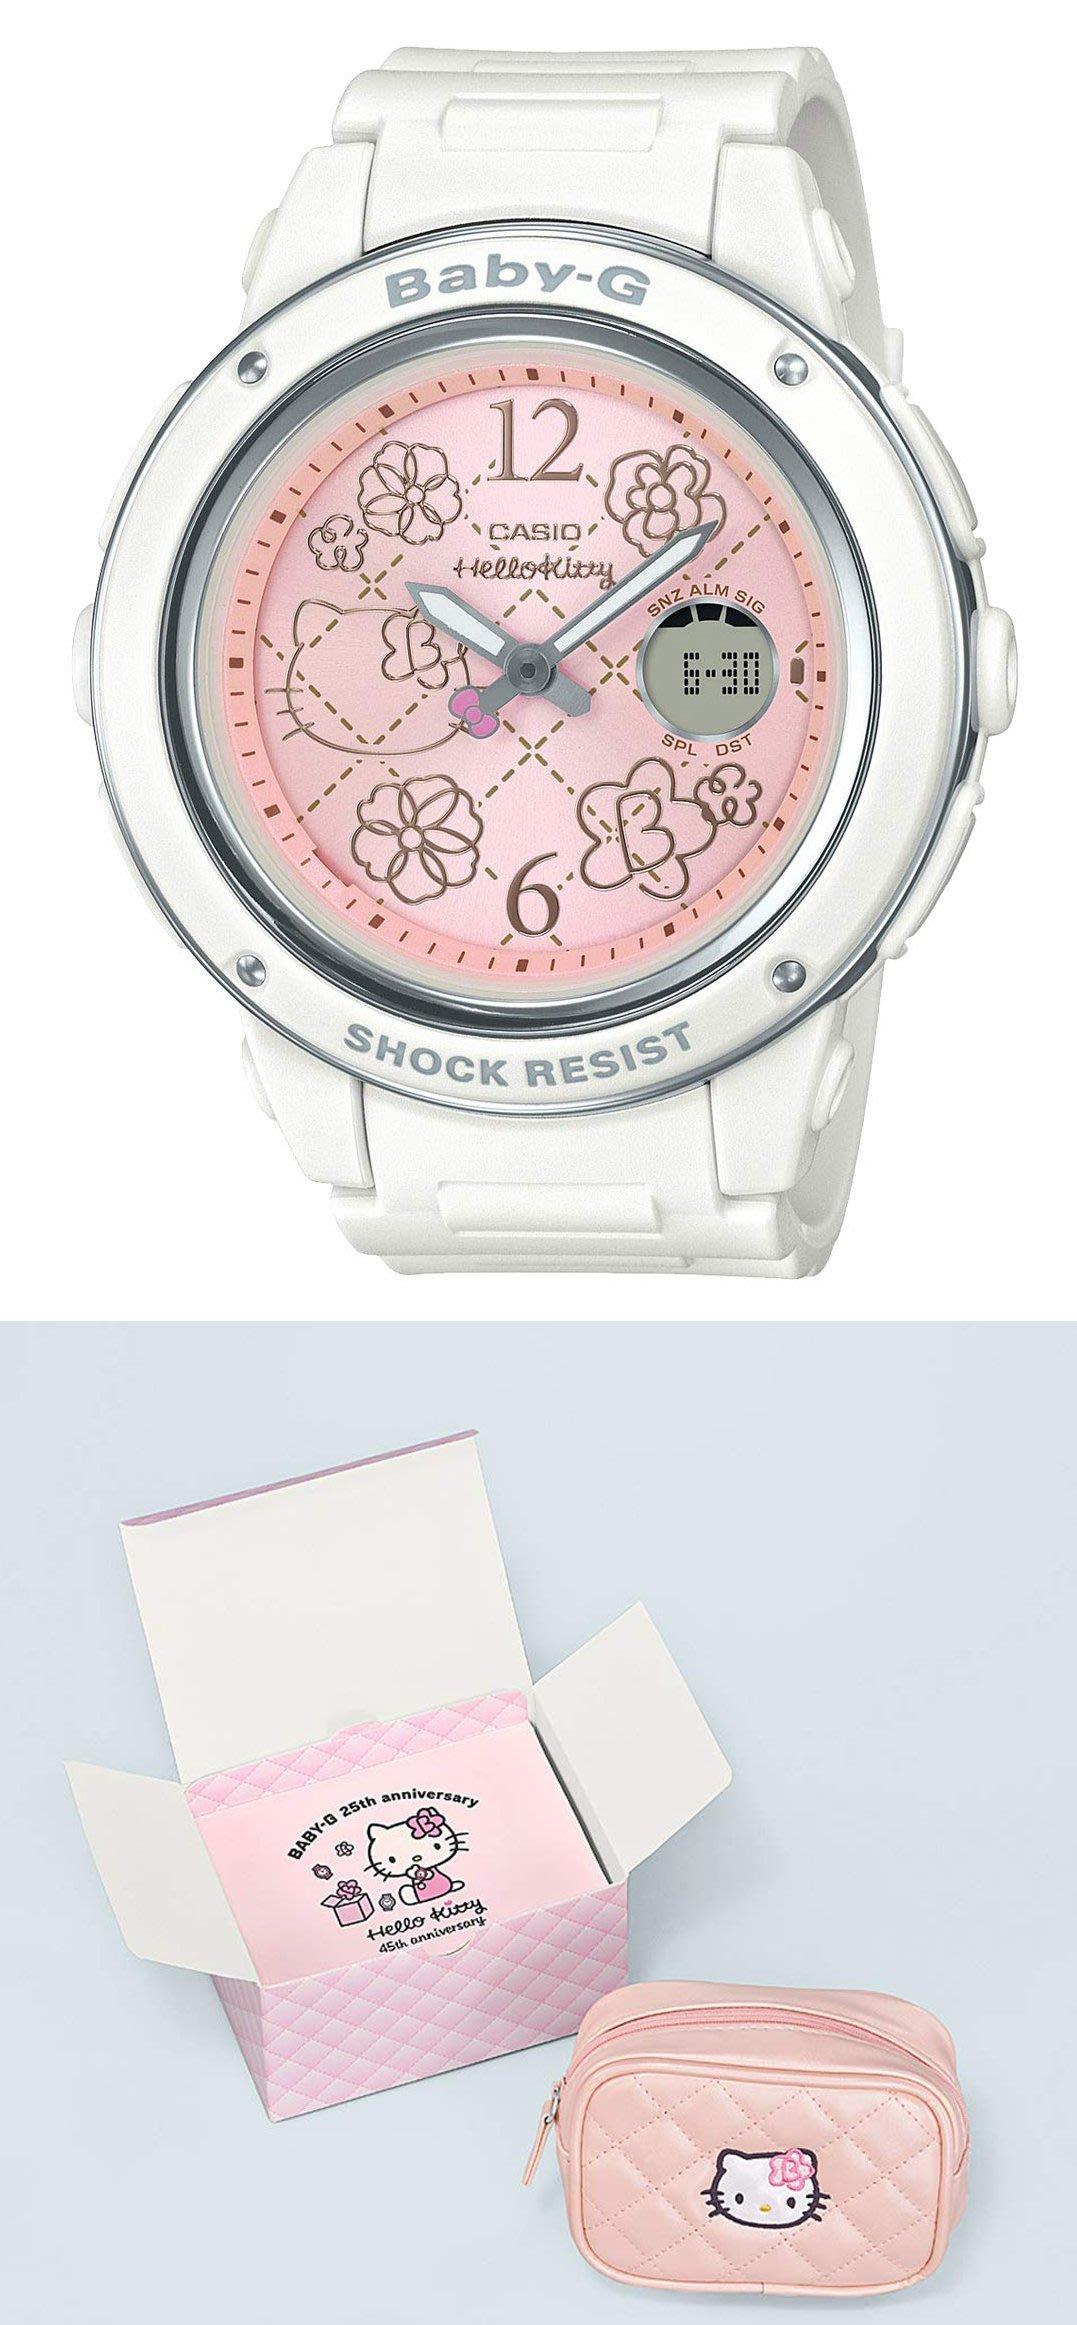 日本正版 CASIO 卡西歐 Baby-G BGA-150KT-7BJR HELLO KITTY 女錶 手錶 日本代購